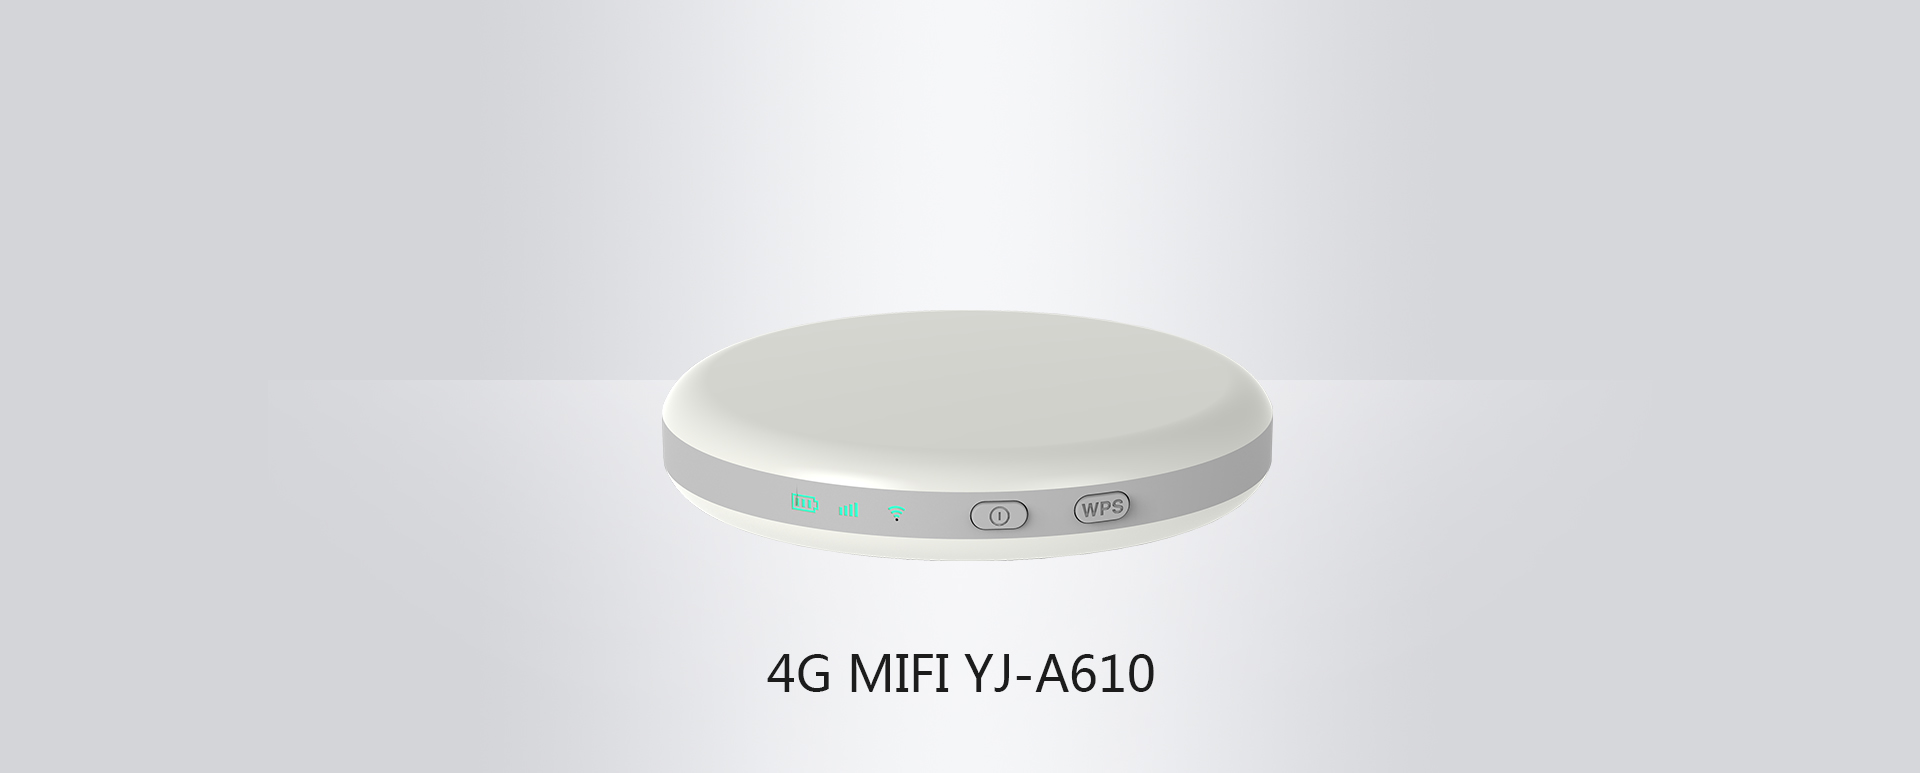 4G MIFI YJ-A610